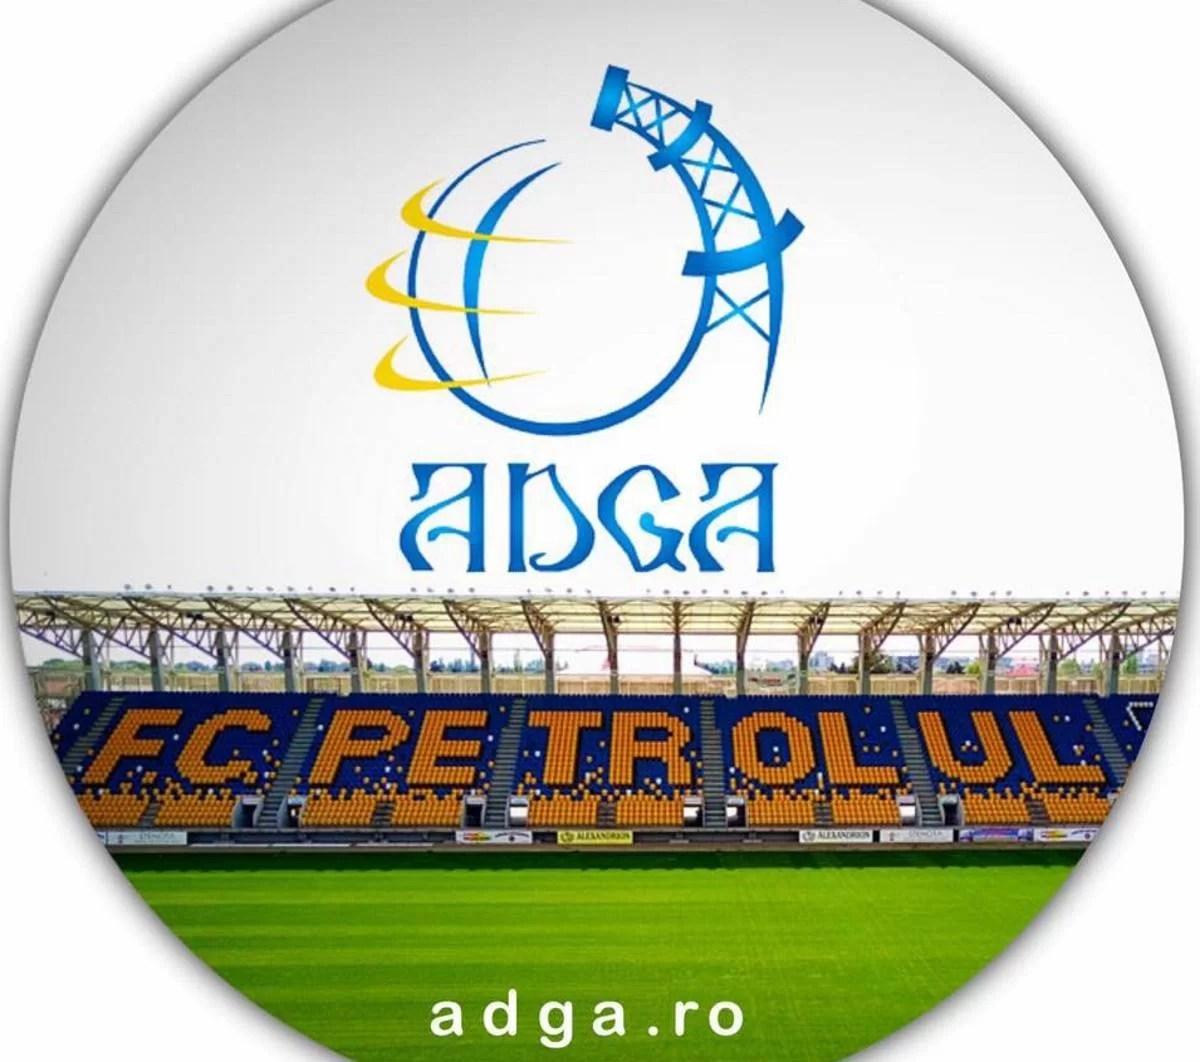 Asociația Diaspora Galben-Albastră devine tot mai activă, odată cu începerea sezonului oficial. Face concurs cu invitații gratuite la meciuri și oferă și un trofeu